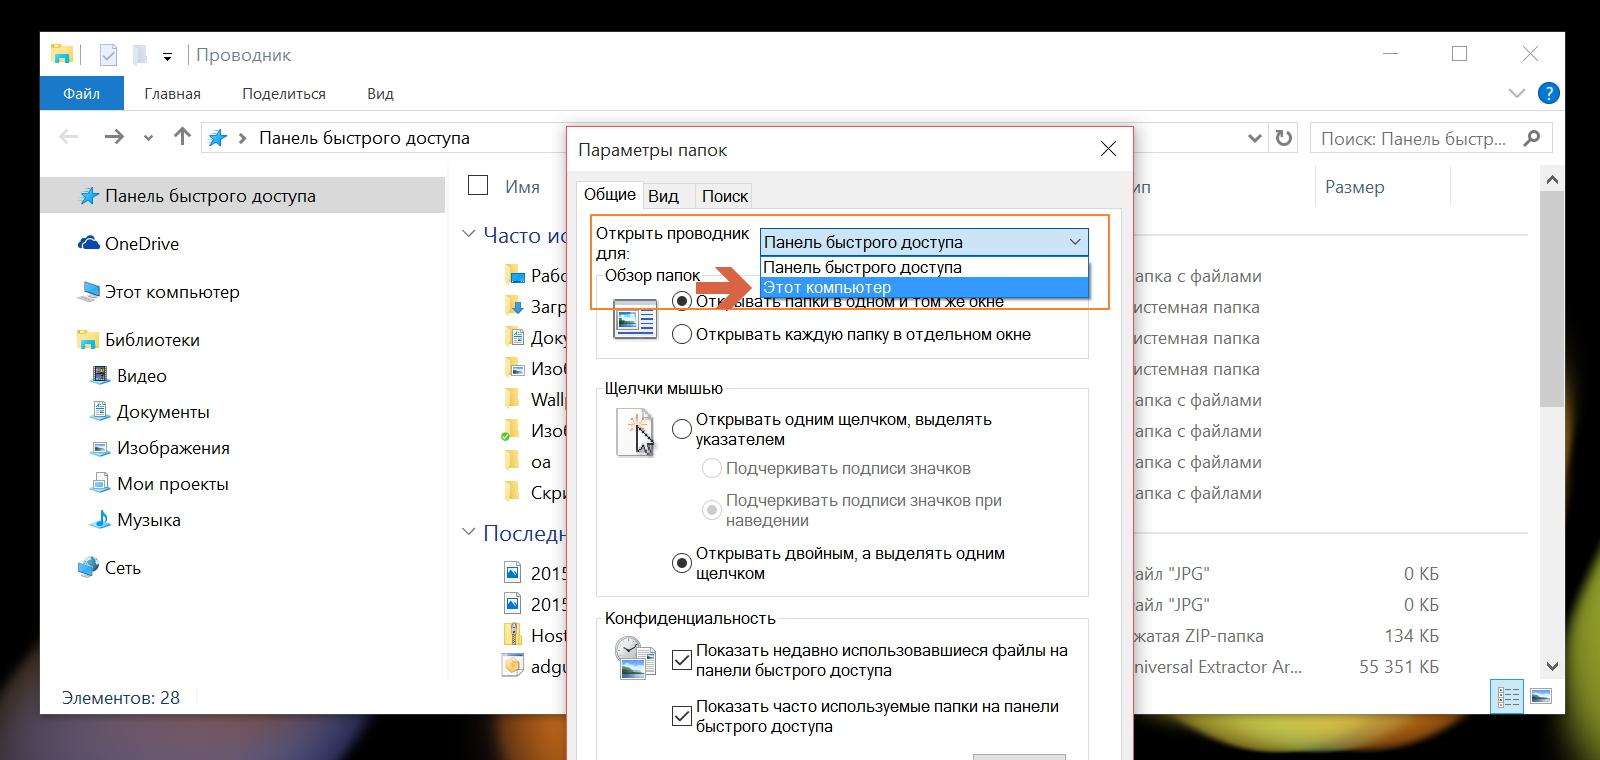 Как вернуть вид «Этот компьютер» при открытии проводника Windows 10